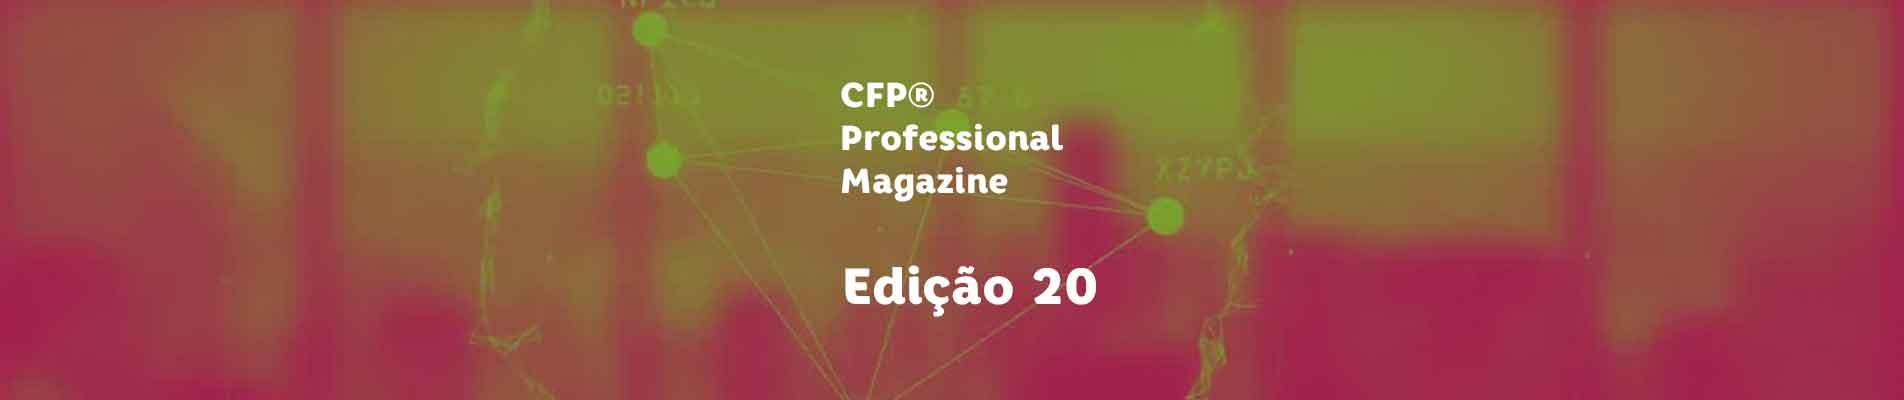 Slider CFP Edição 20